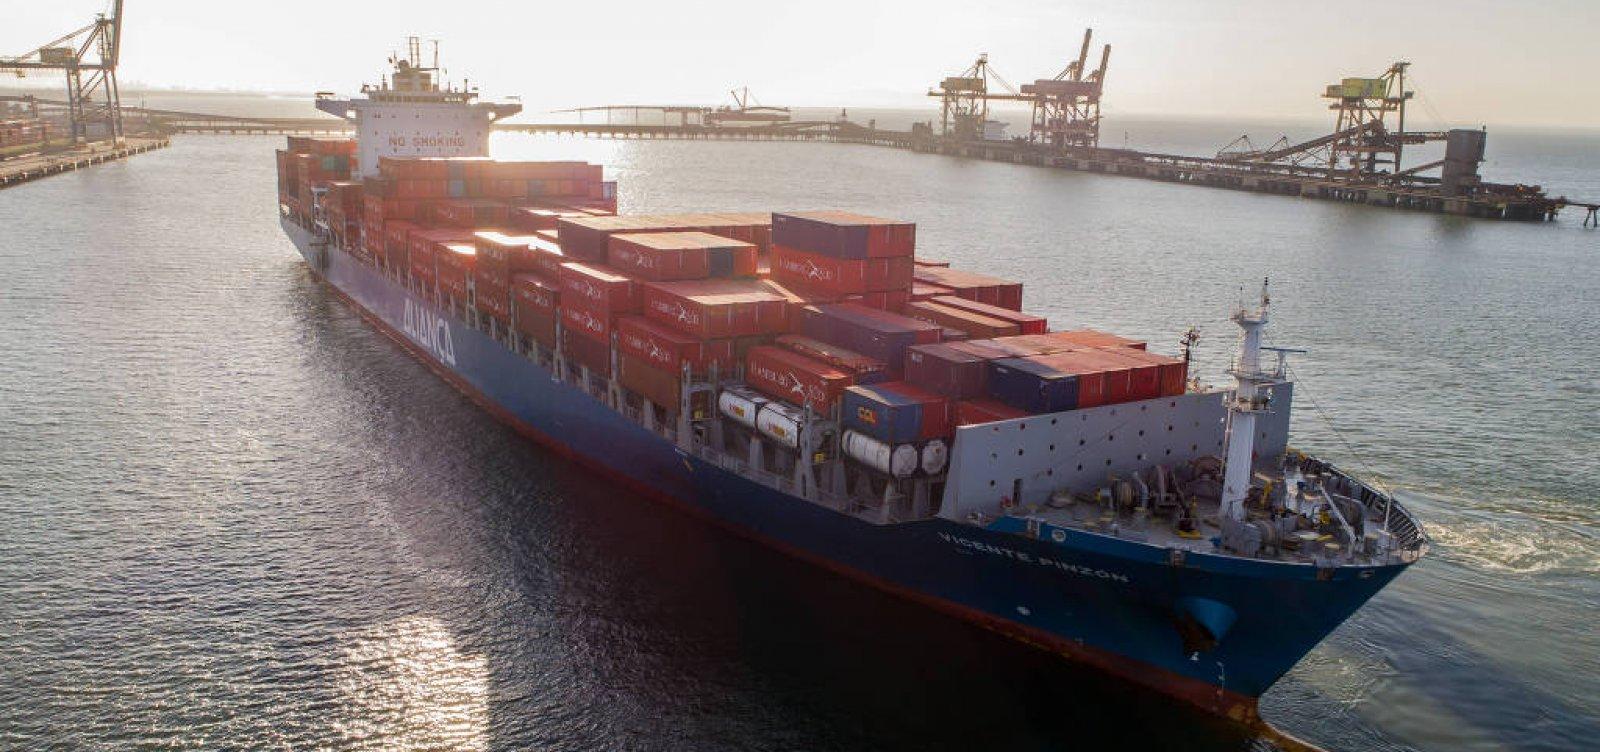 [Transporte de carga pela costa cresce 18% após greve dos caminhoneiros]